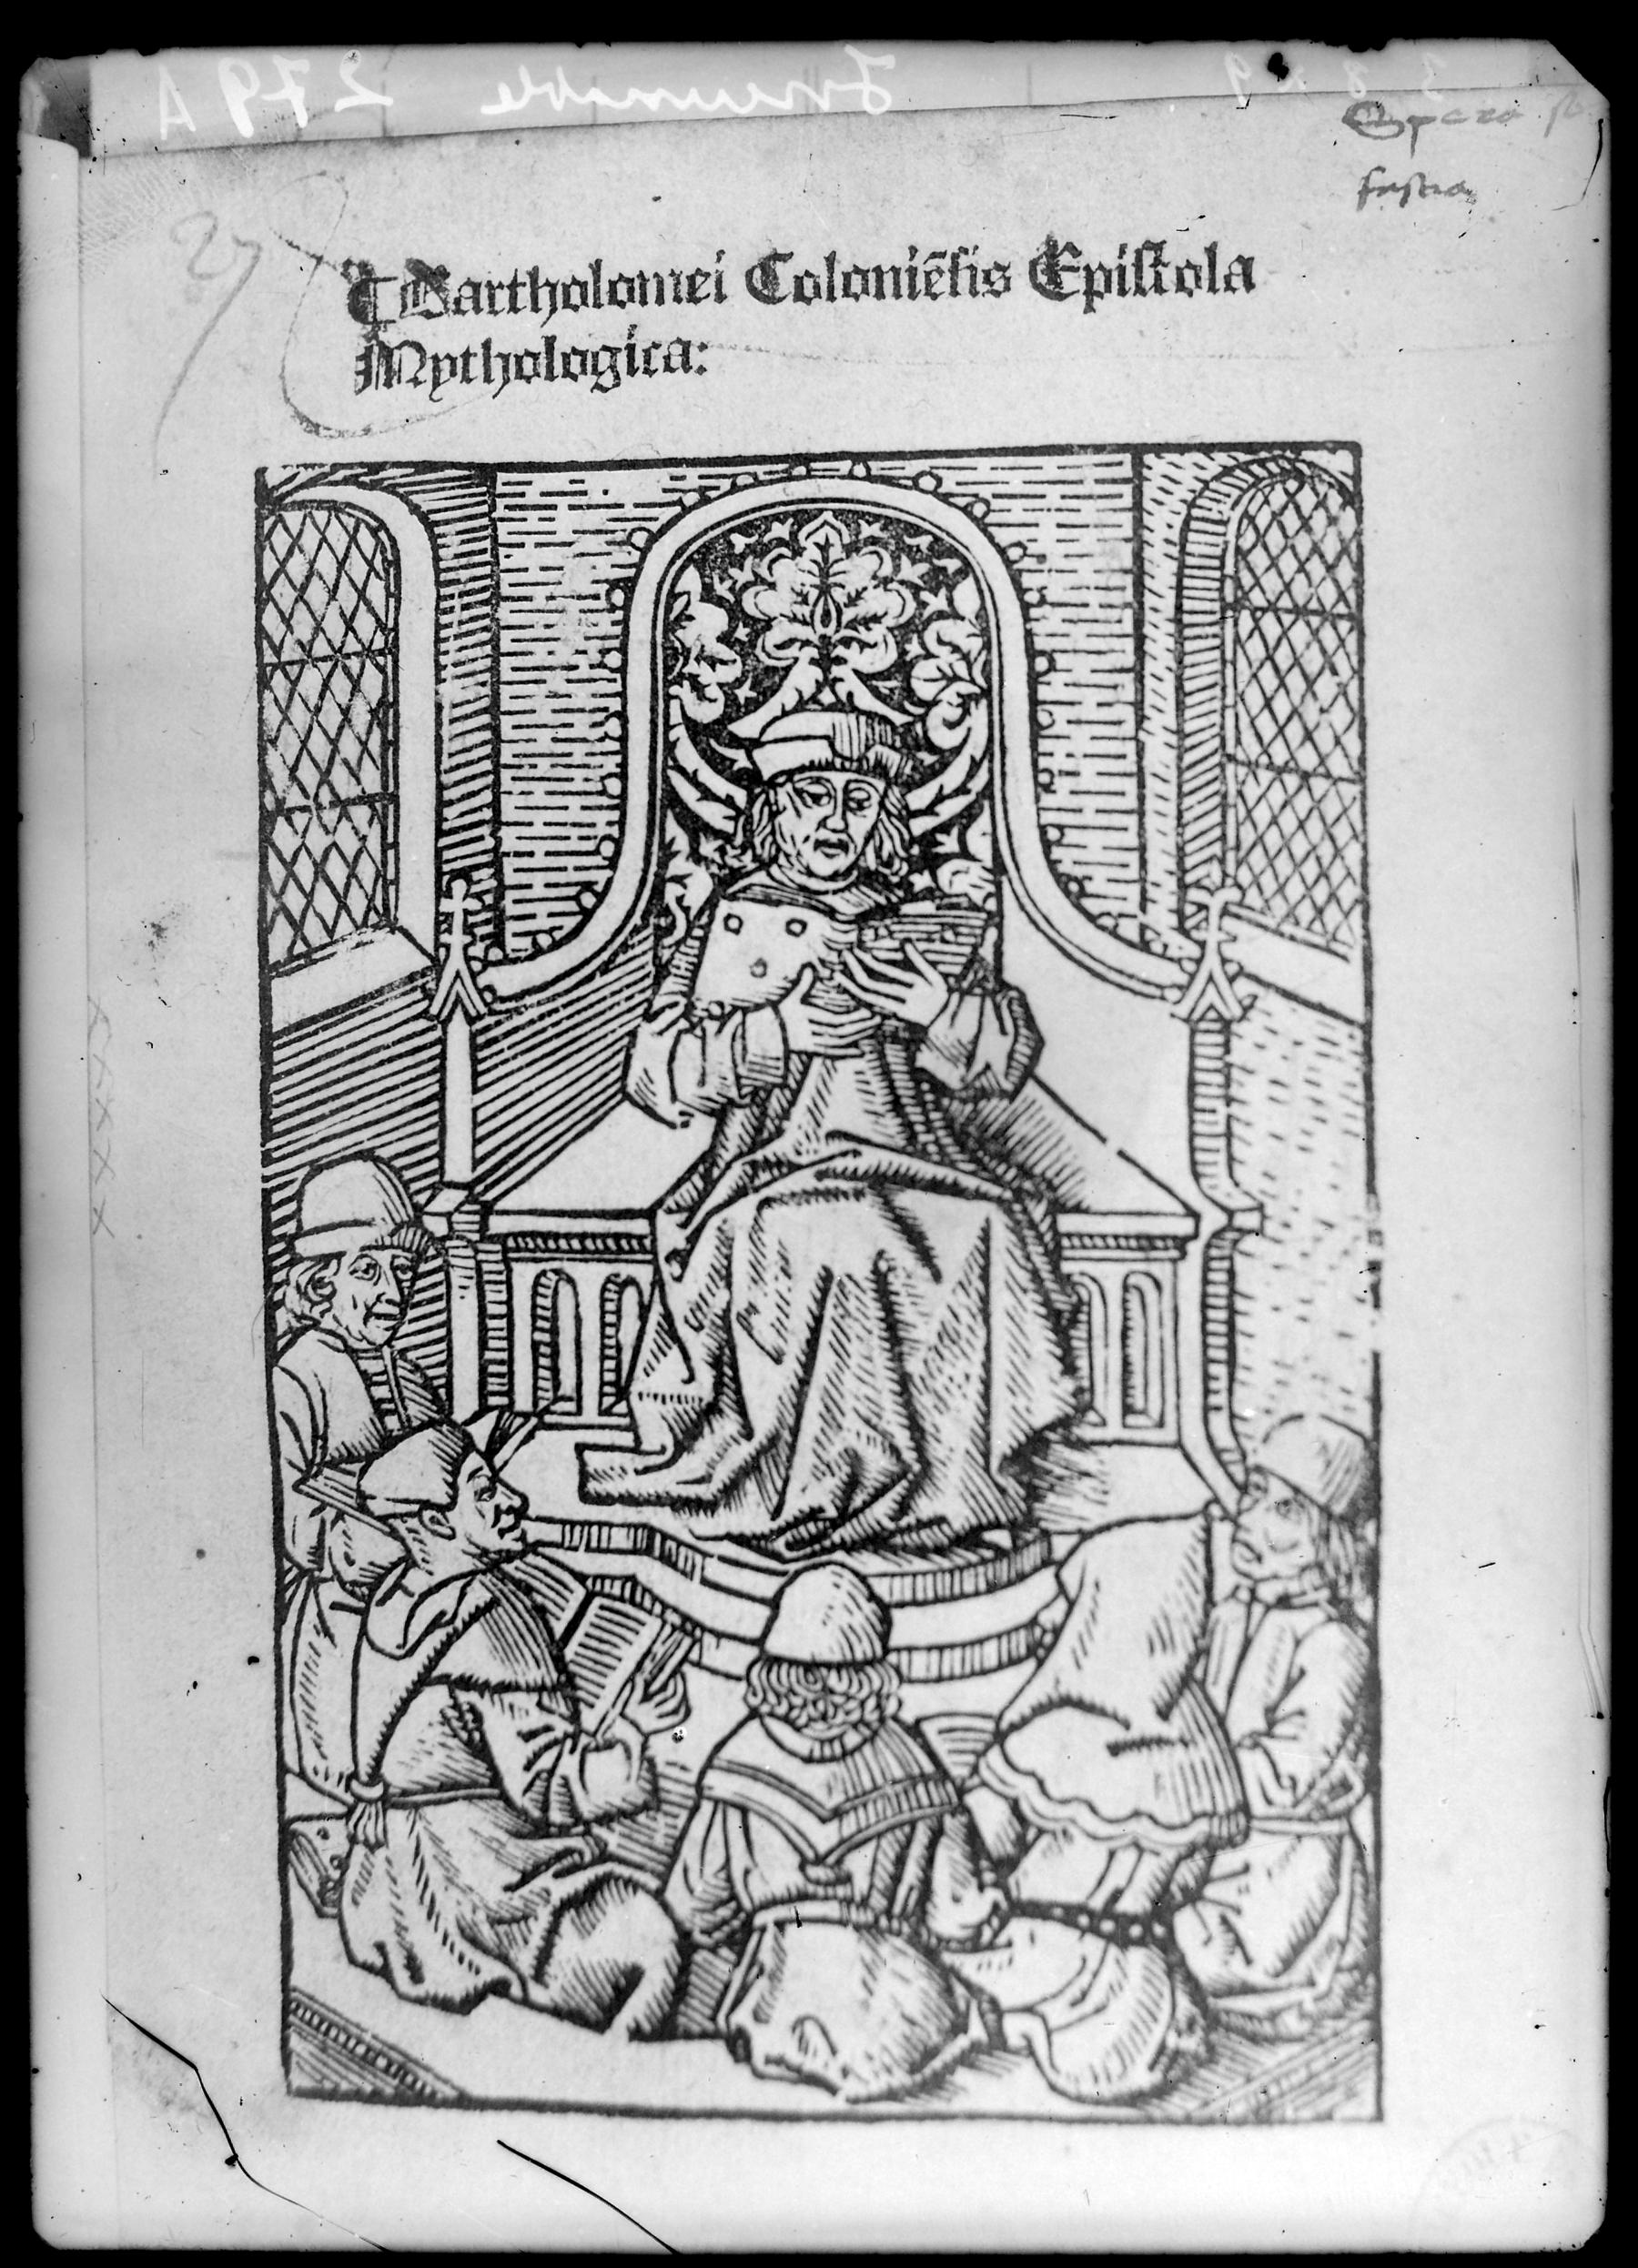 Contenu du Bartholomei Colonielis Epiftola Mythologica